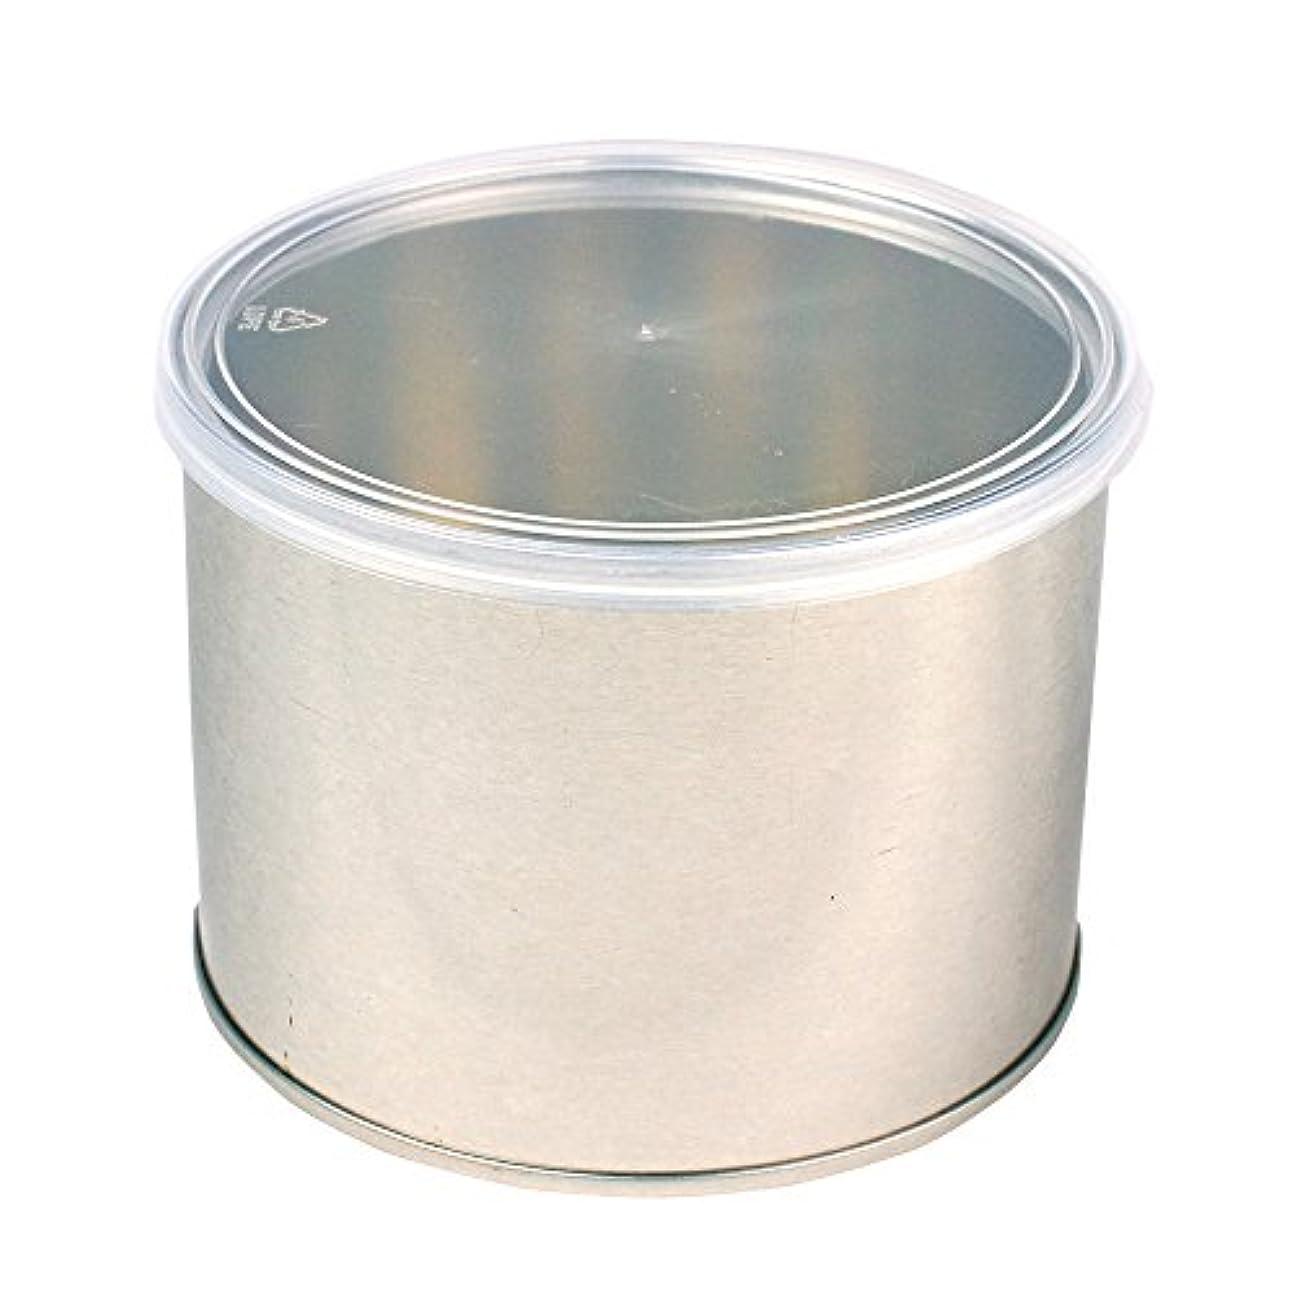 悪いスナップスカープワックス脱毛用スチール缶 ハード?ソフト両用 キャップ付 1個(032-1) ブラジリアンワックス